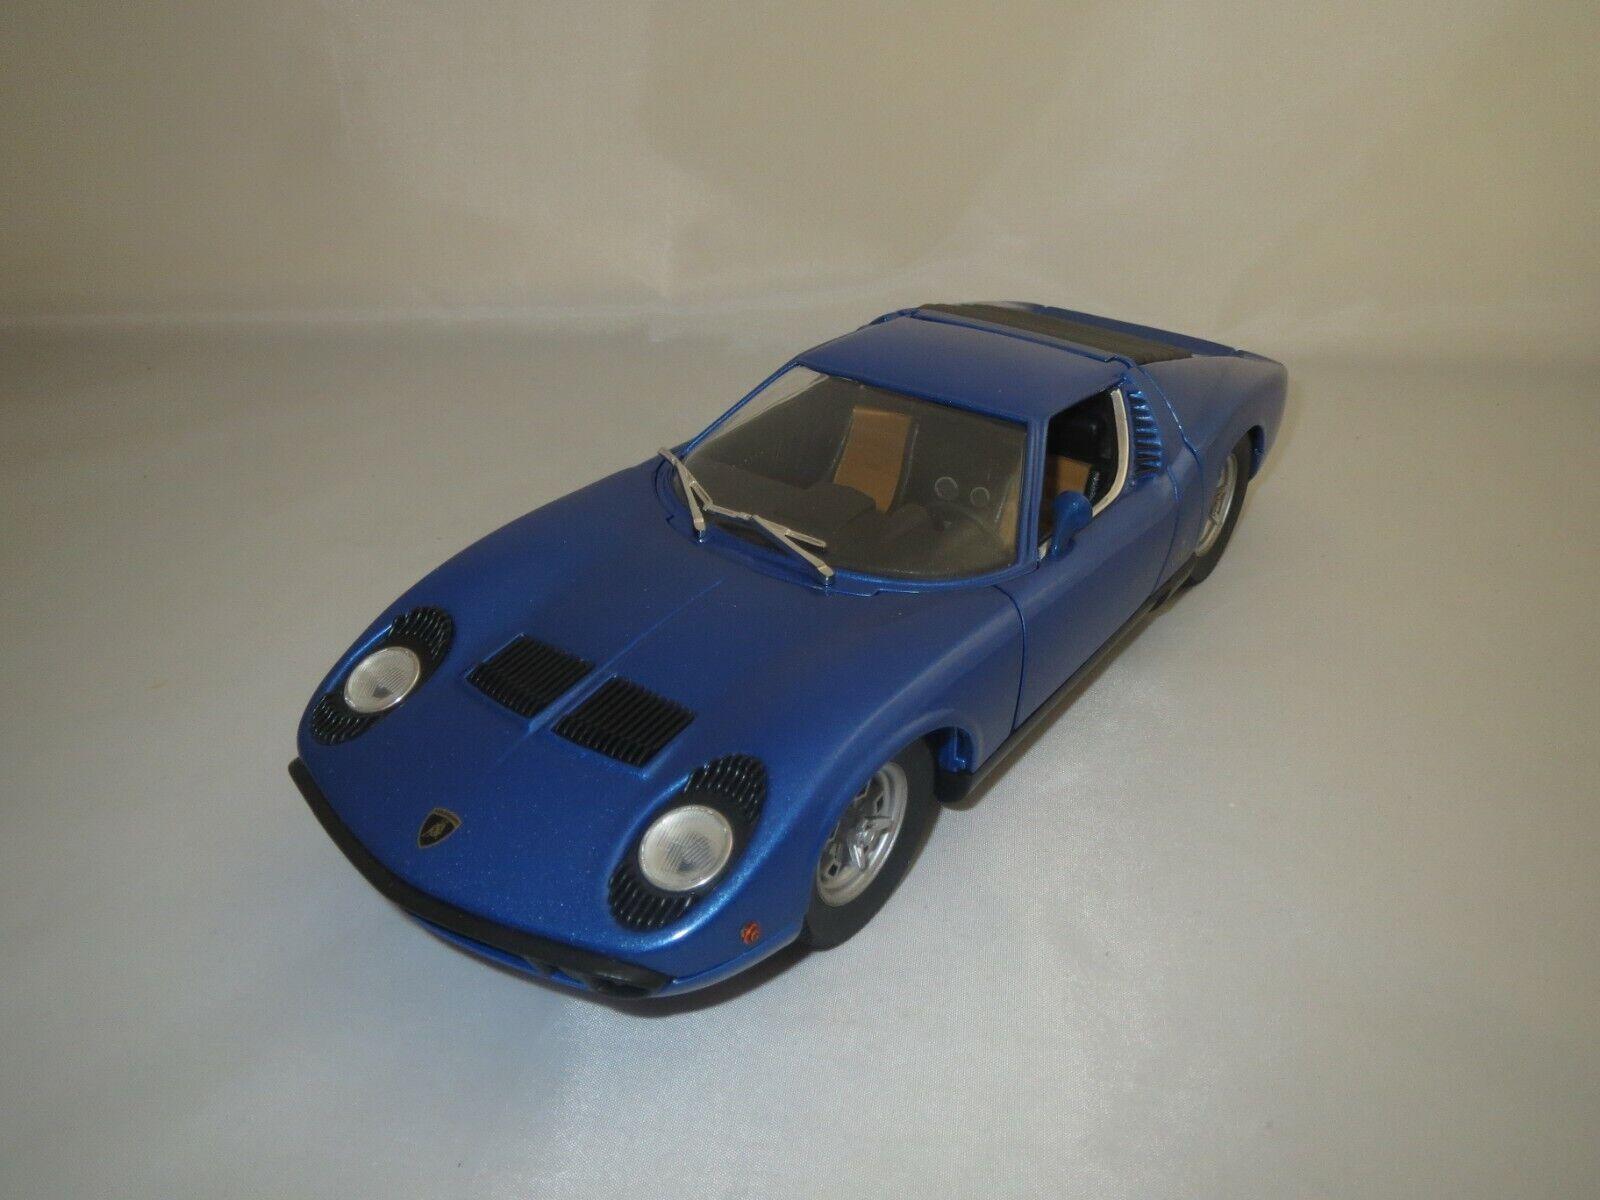 ANSON  Lamborghini  Miura  (blau-metallic)  1 18  ohne Verpackung